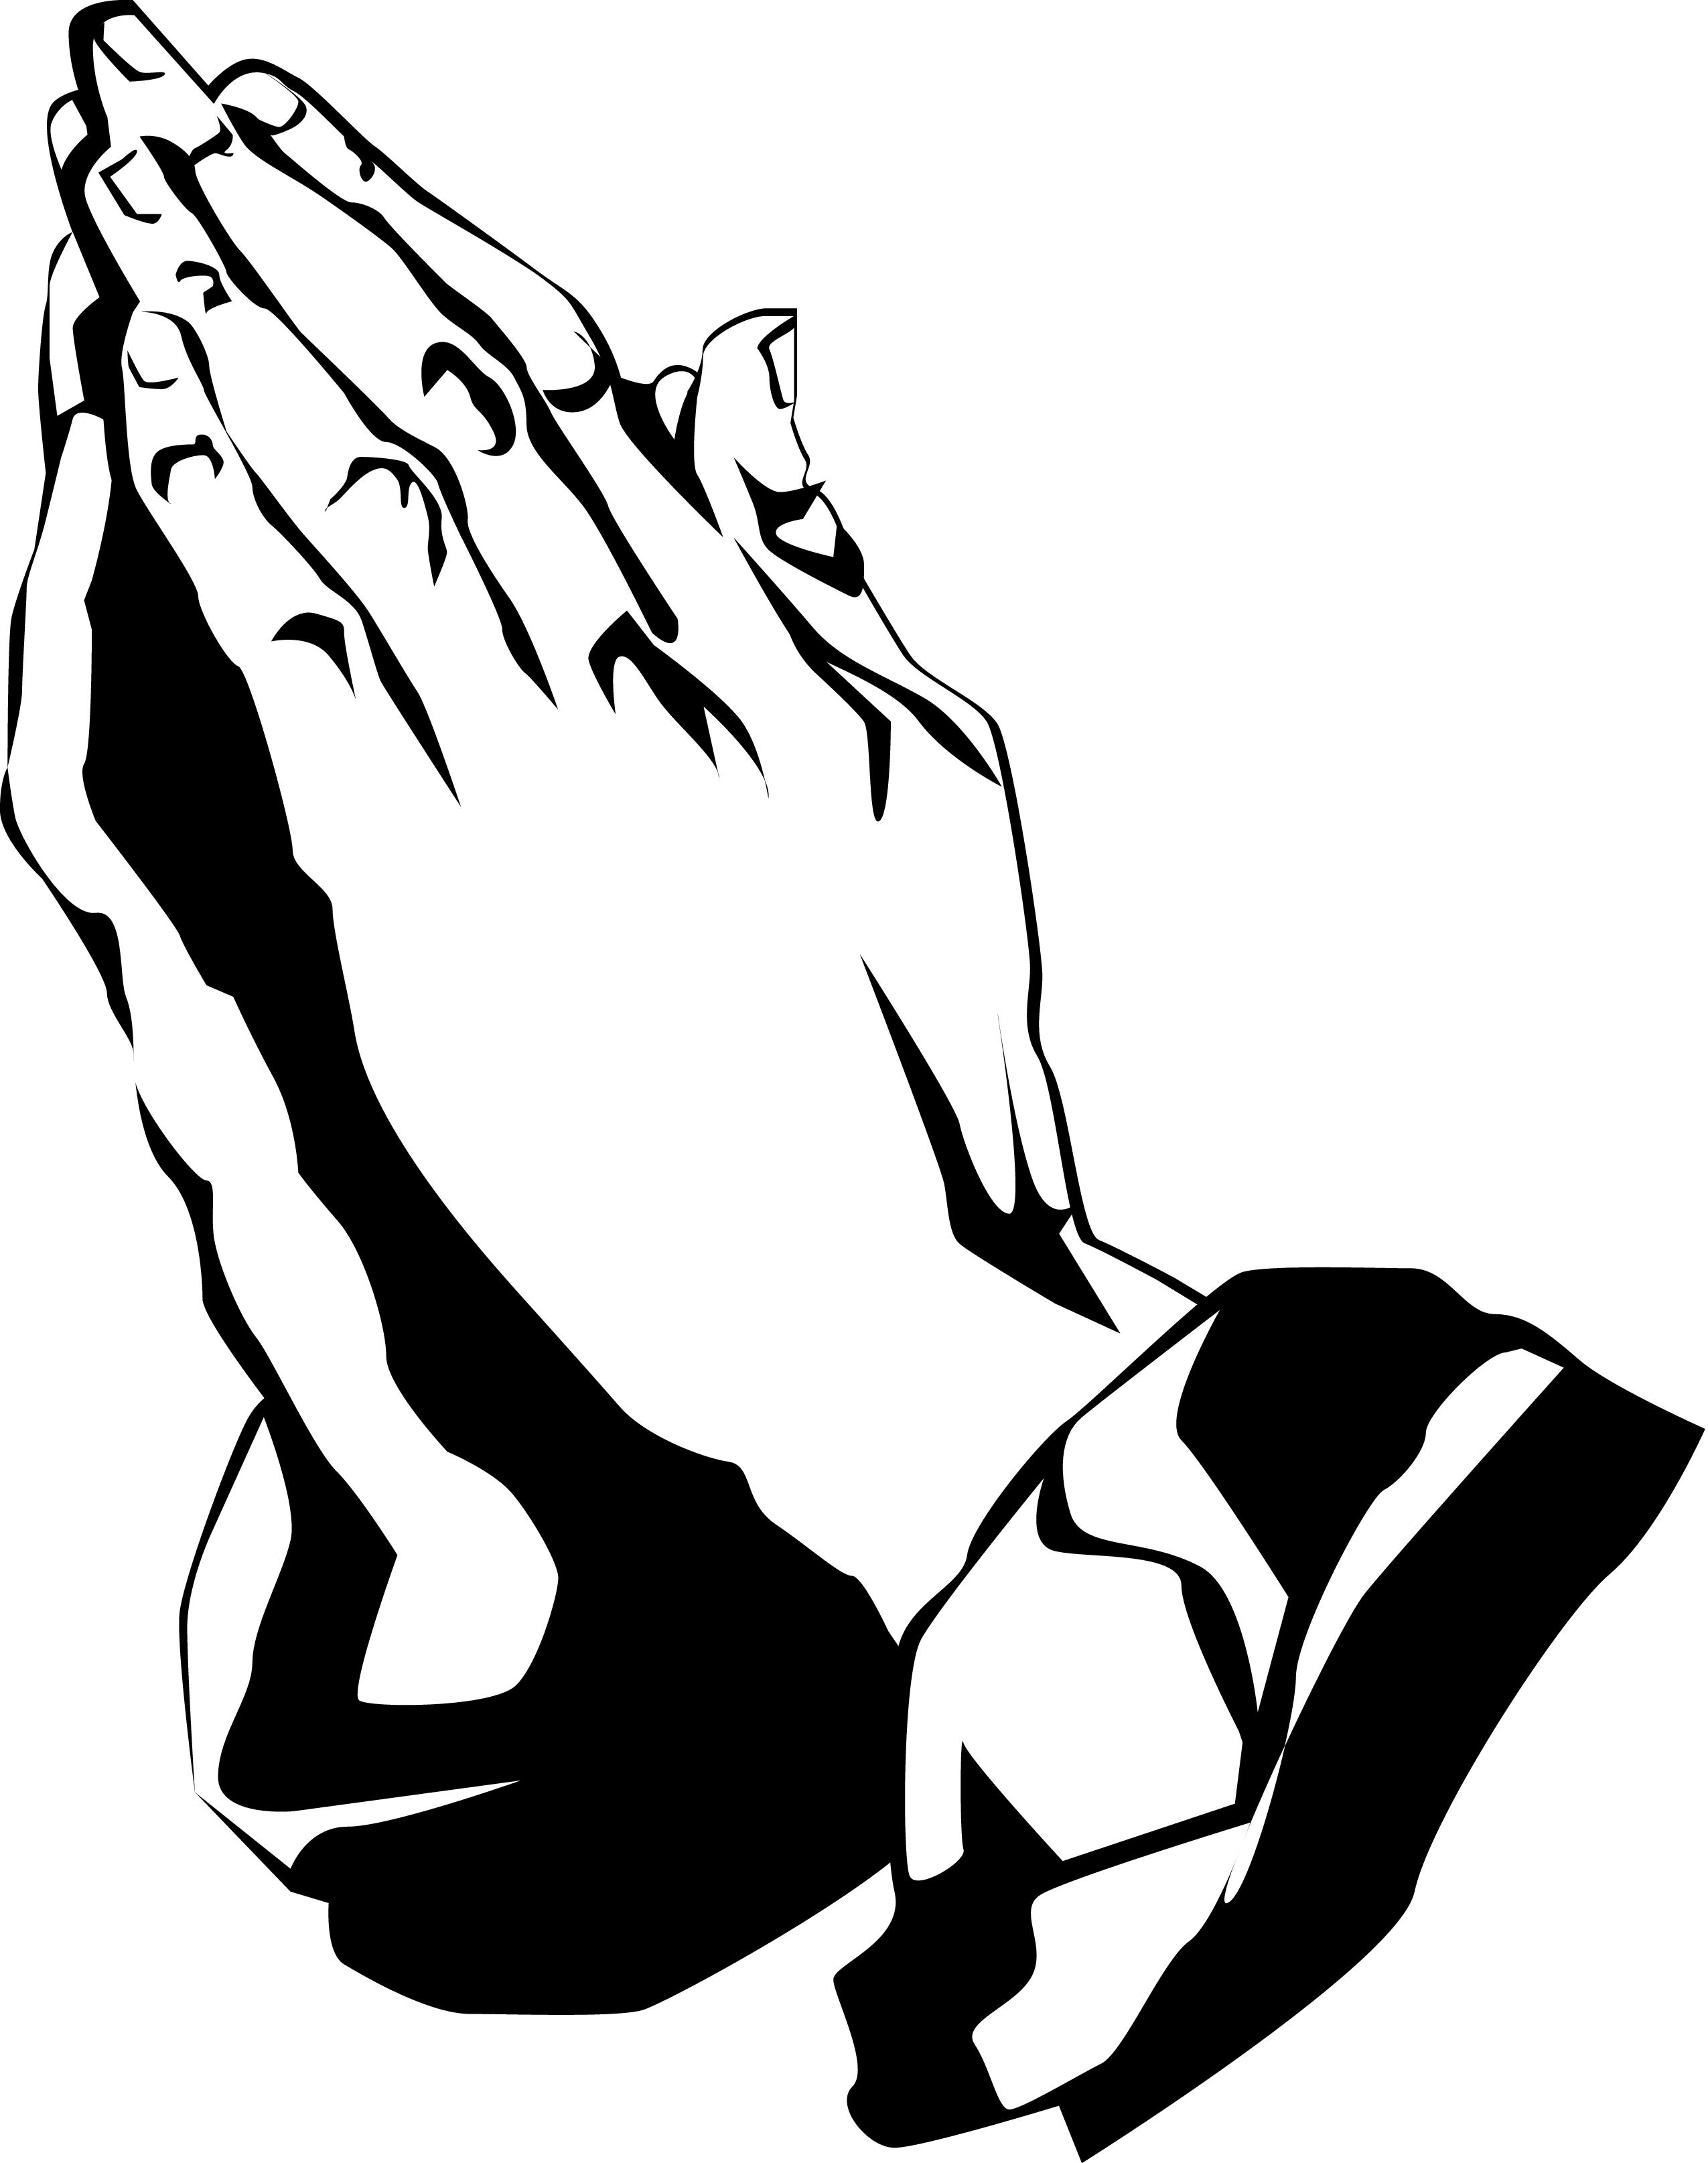 2550x3229 Praying Hands Clip Art